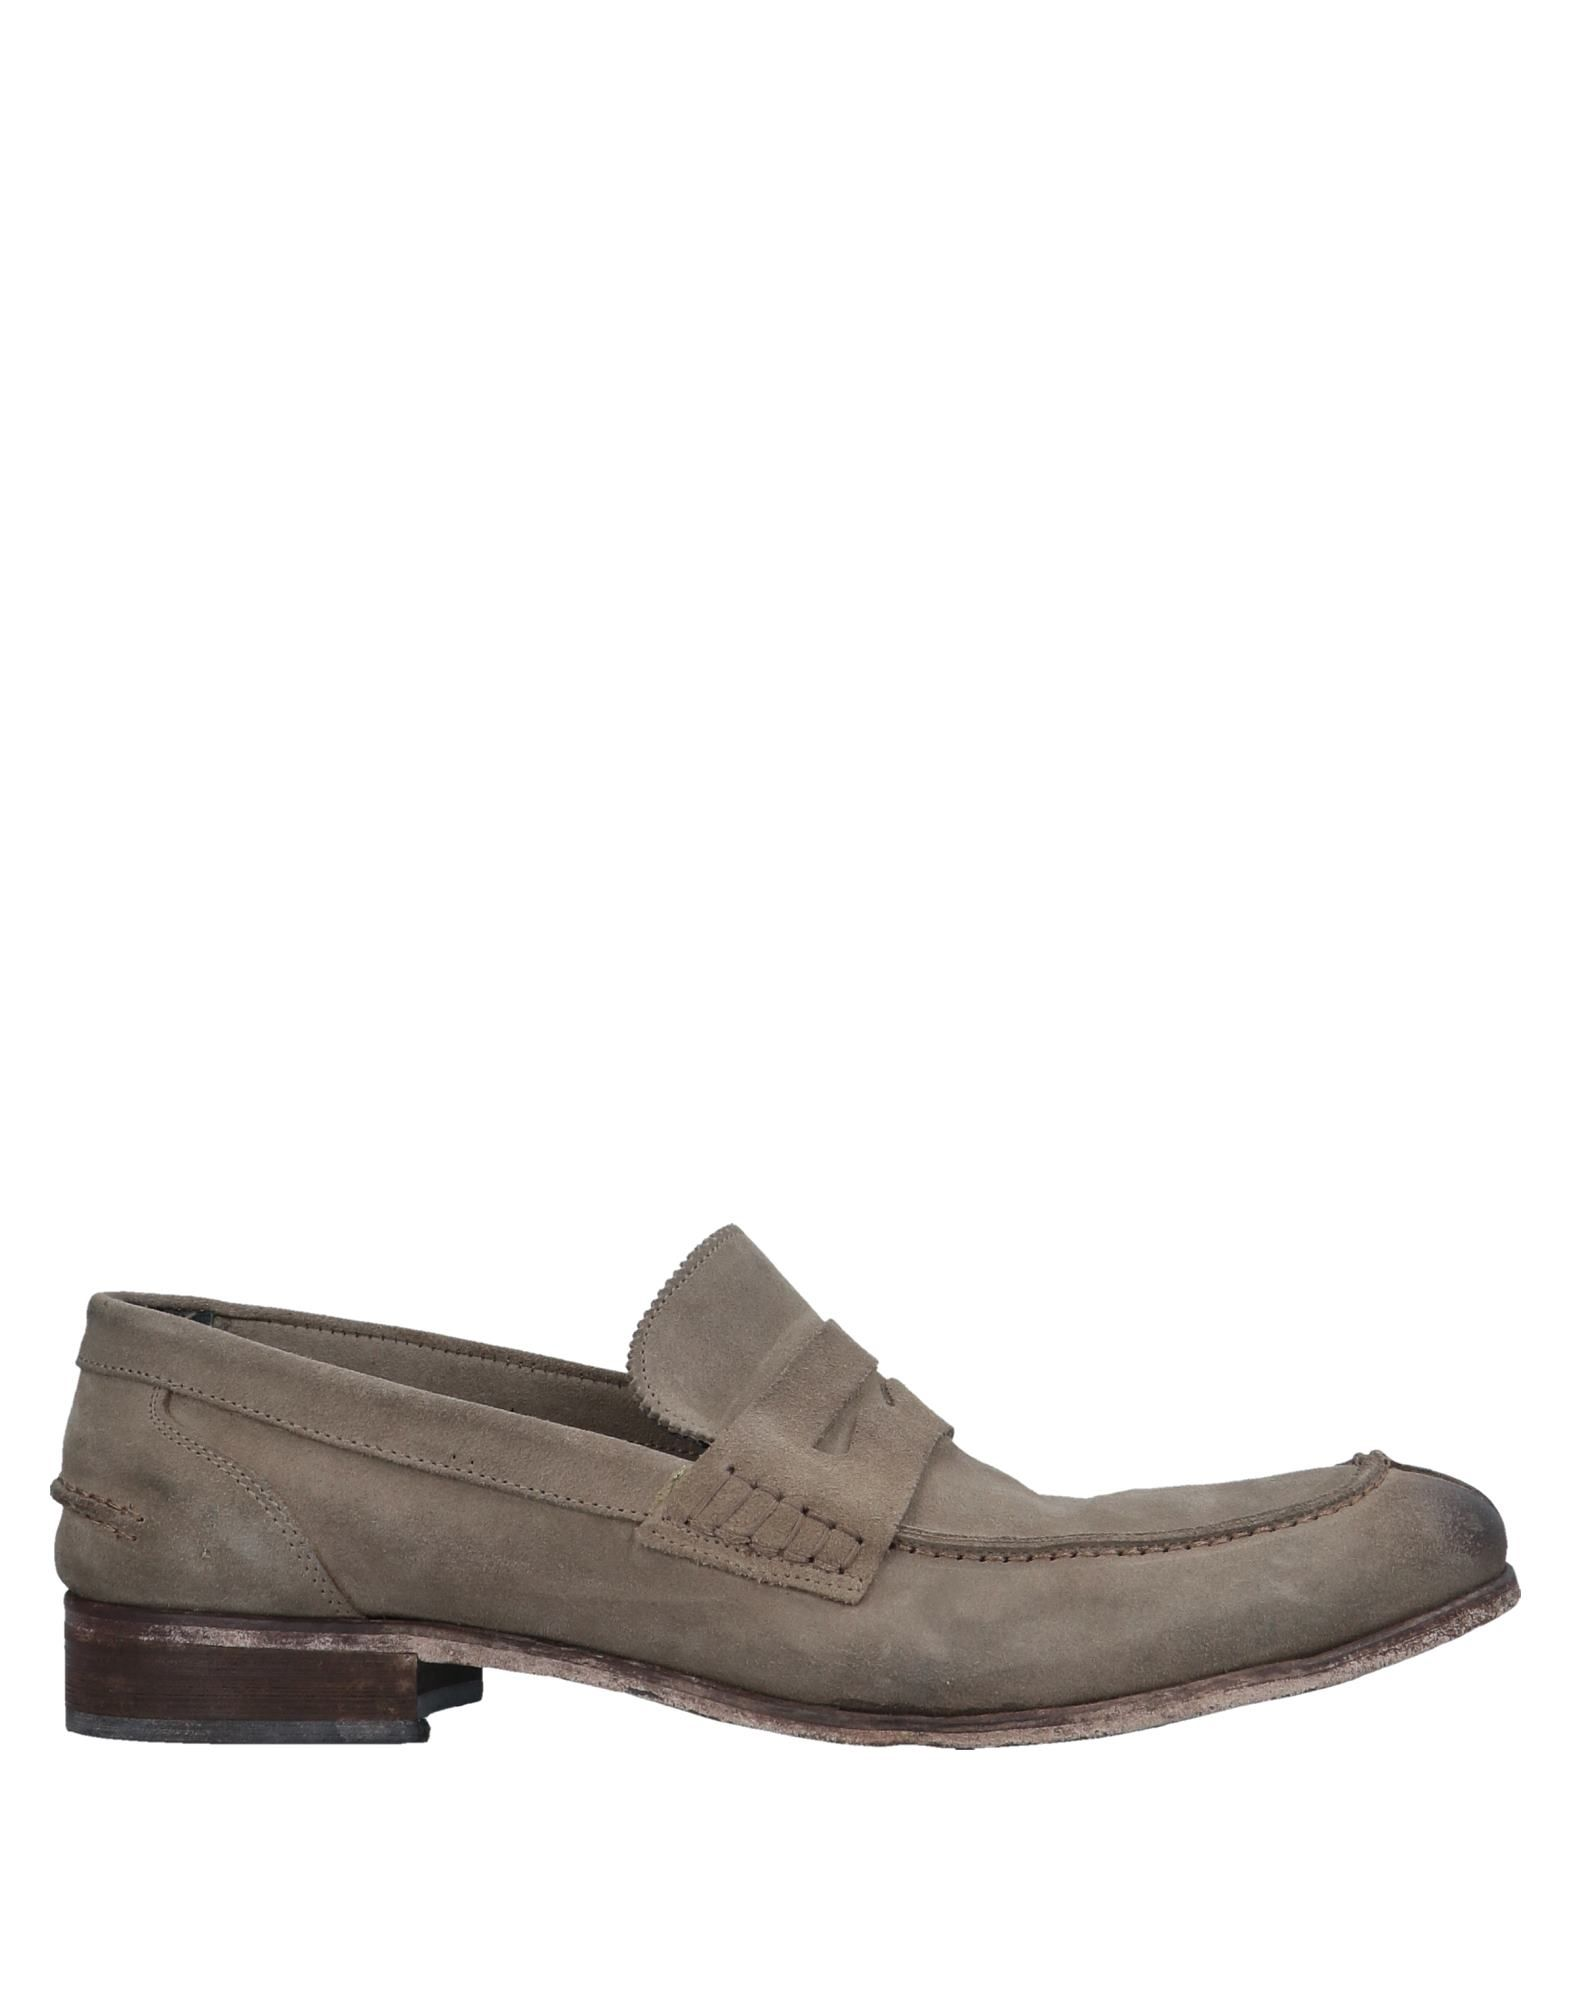 Rabatt echte Schuhe Herren Antony Morato Mokassins Herren Schuhe  11554391KQ 6858fa